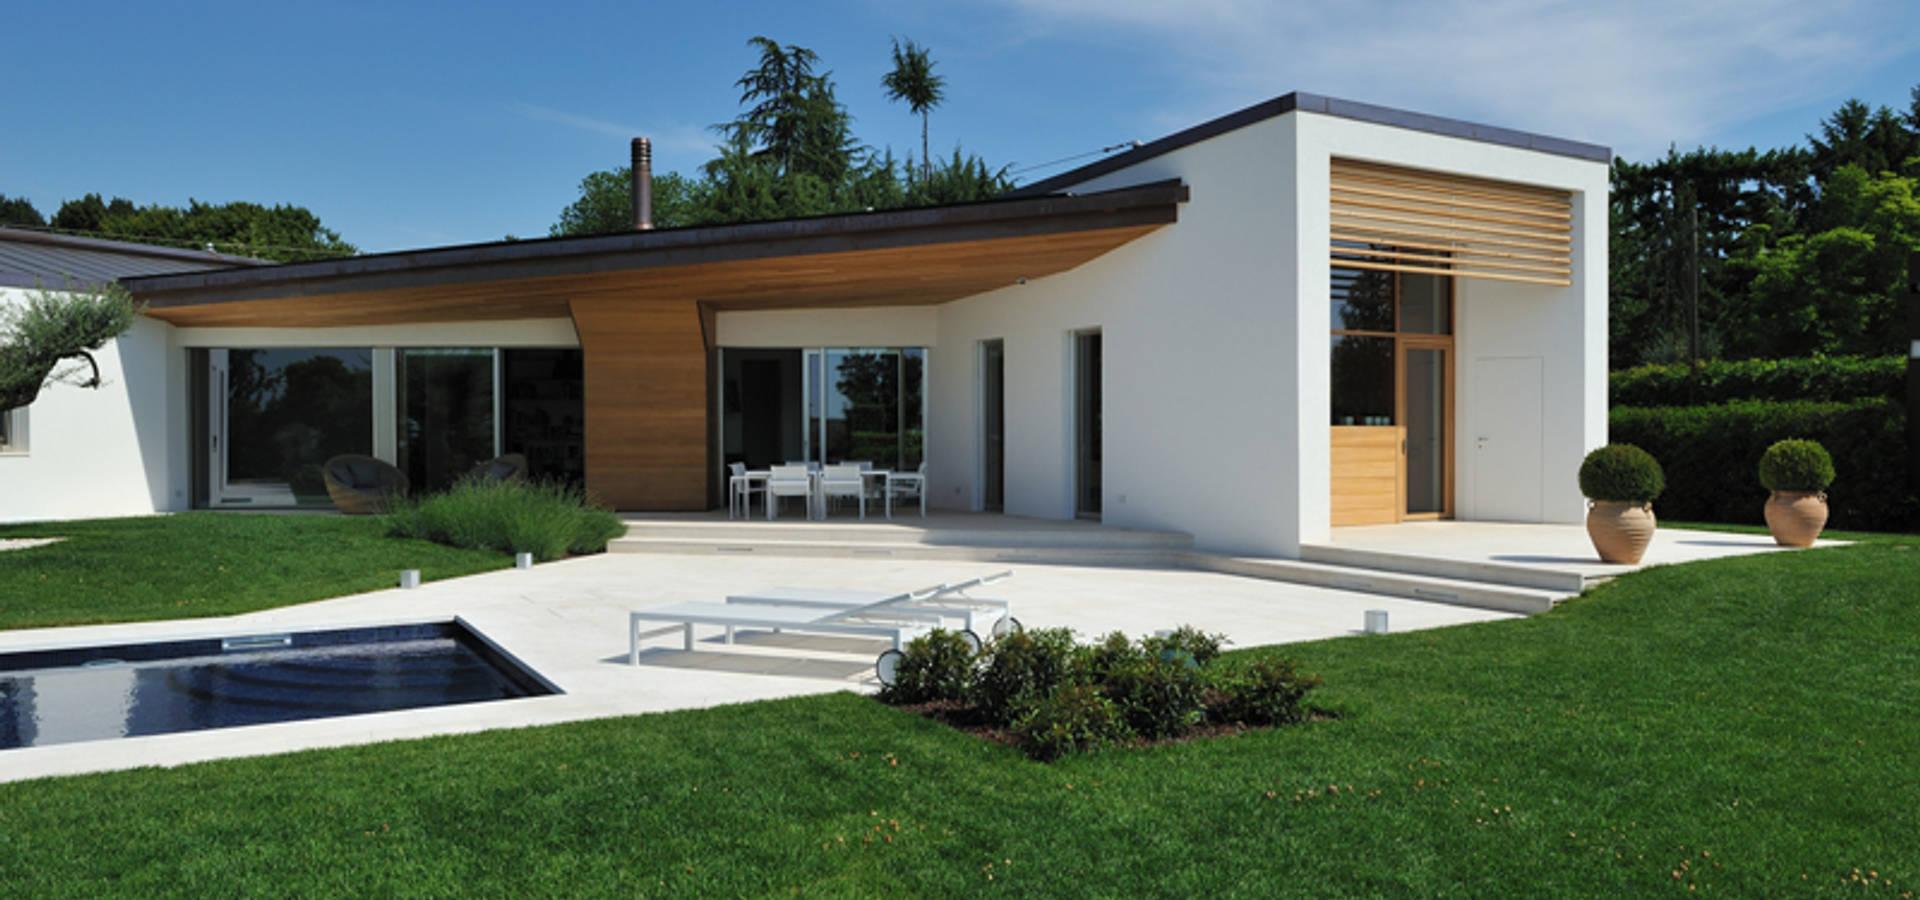 Stile moderno per una villa in legno di woodbau srl homify - Casa stile moderno ...